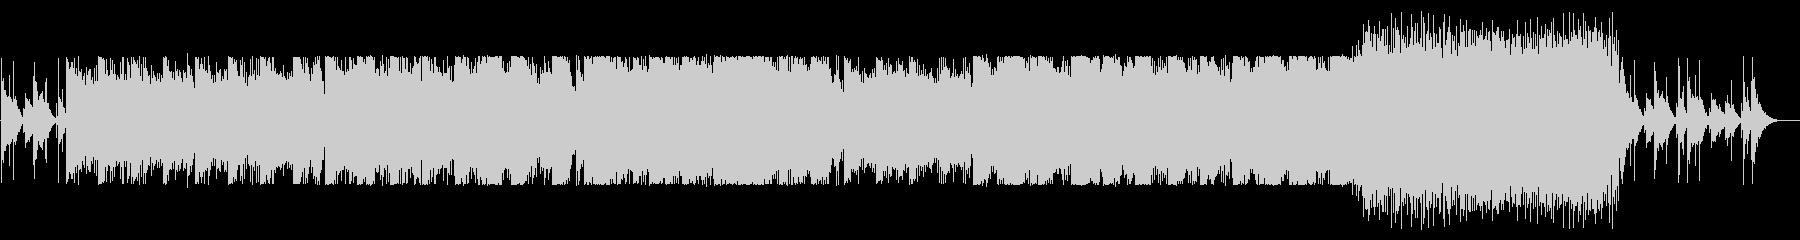 再帰的。エンニオ・モリコーネの映画音楽。の未再生の波形